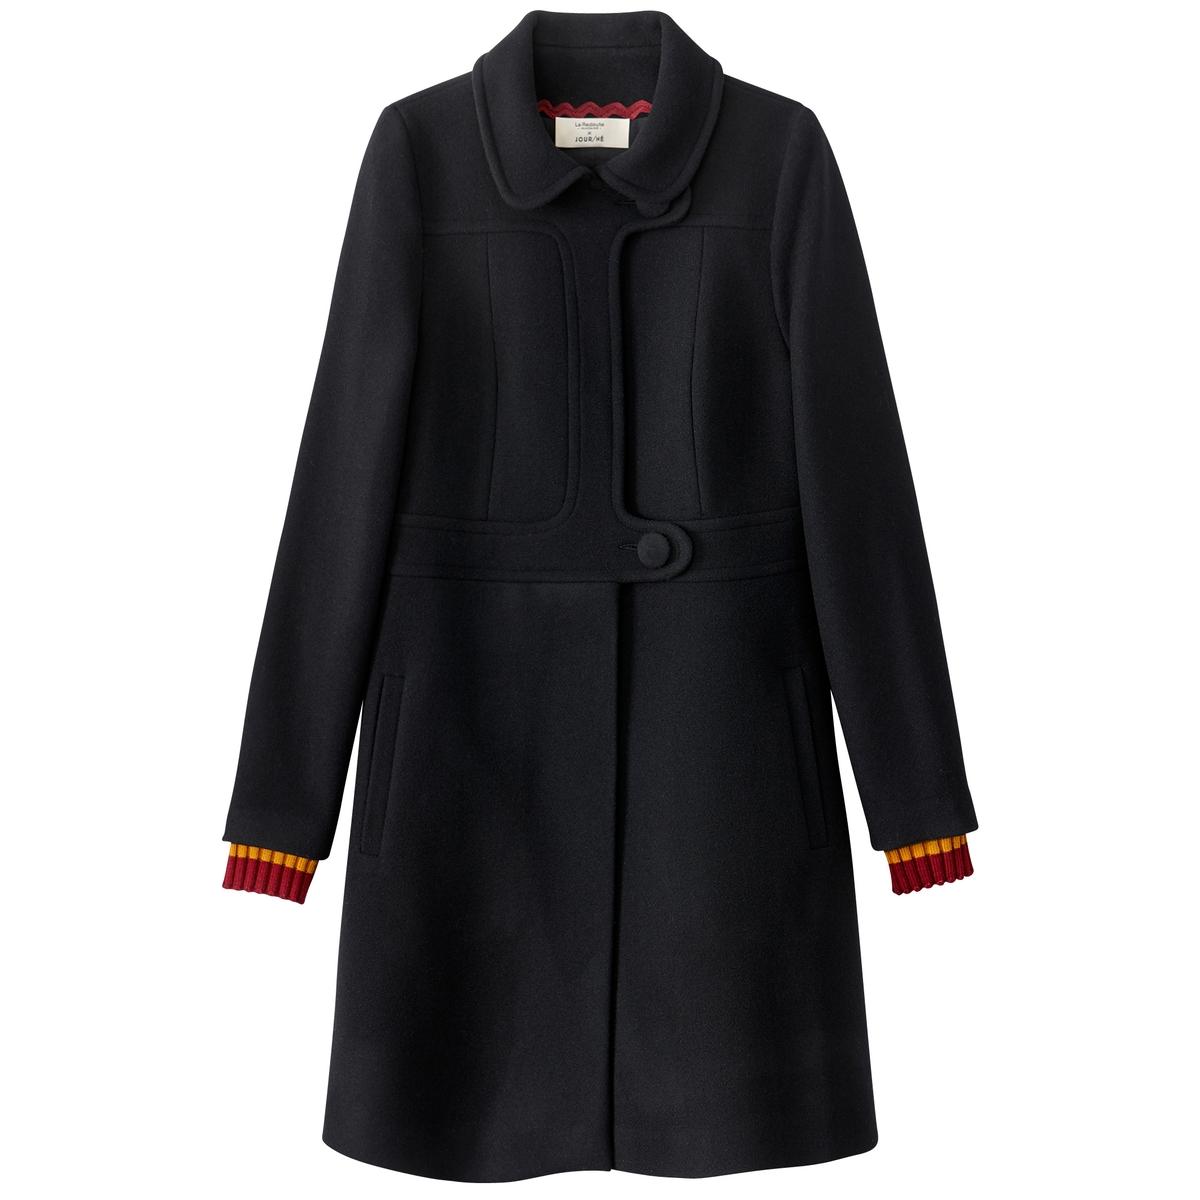 Пальто длинноеДлинное пальто от JOUR/N? со скрытой застежкой на кнопки и застежкой на 2 большие пуговицы спереди . Манжеты в рубчик в полоску.Детали •  Длина : удлиненная модель •  Круглый вырез • Застежка на пуговицыСостав и уход •  80% шерсти, 20% полиамида •  Подкладка : 100% полиэстер • Не стирать • Низкая температура глажки / не отбеливать   •  Не использовать барабанную сушку •  Допускается чистка любыми растворителями Длина : 94,5 смТрое финалистов премии ANDAM, Джерри, Леа и Лу, сотрудничали с крупными ателье мод. Креативное трио разработало для La Redoute это длинное пальто, руководствуясь девизом одень этот день.Их коллекция предназначена для городских женщин, активных и современных, желающих, чтобы их образ был эстетичным и практичным одновременно. Цель JOUR/NE : каждый сезон предлагать адаптированный гардероб на каждый день, совмещающий в себе простоту и креативность. Каждая модель JOUR/NE продумана до мелочей: многочисленные карманы, потайные молнии, магнитные застежки или даже вшитый платок для протирки очков...Лучшие мастера Европы сопровождают JOUR/NE в выборе материалов и процессе производства, что гарантирует безупречное качество.<br><br>Цвет: красный,черный<br>Размер: 34 (FR) - 40 (RUS).42 (FR) - 48 (RUS).40 (FR) - 46 (RUS).38 (FR) - 44 (RUS).34 (FR) - 40 (RUS).44 (FR) - 50 (RUS).42 (FR) - 48 (RUS).40 (FR) - 46 (RUS).38 (FR) - 44 (RUS)